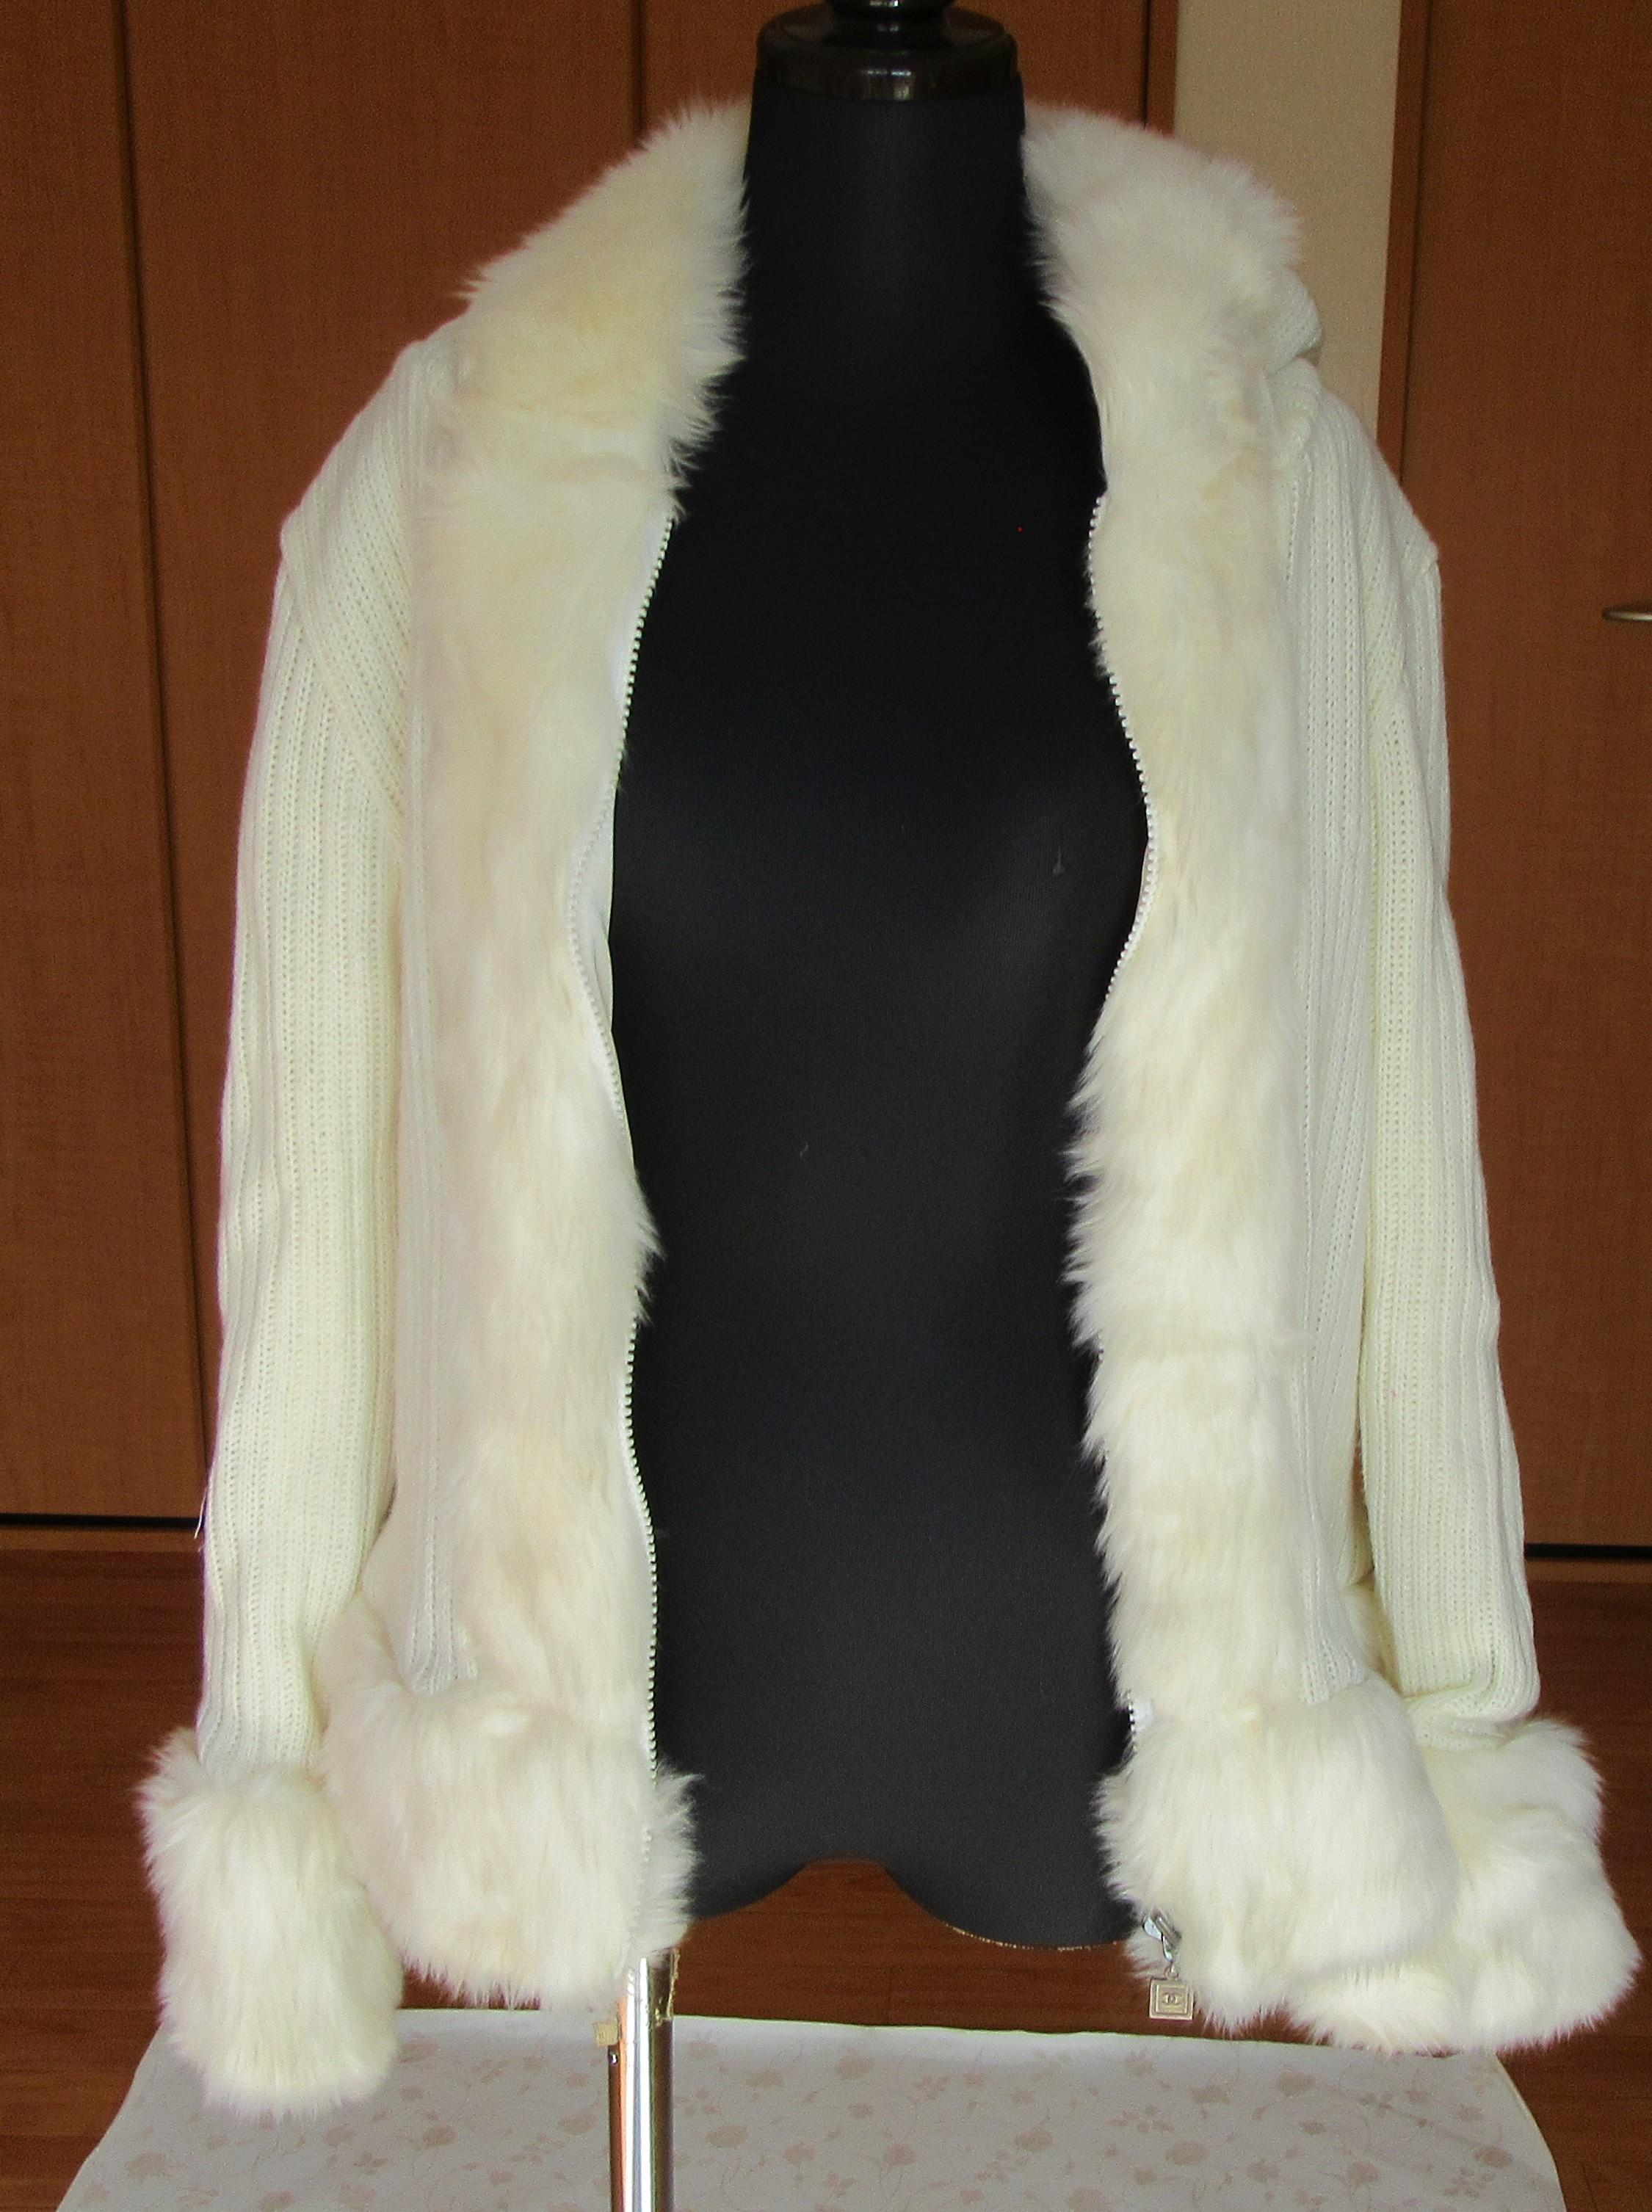 ジャケット ニット ホワイト フード・フェイクファー付き リセール商品 韓国製